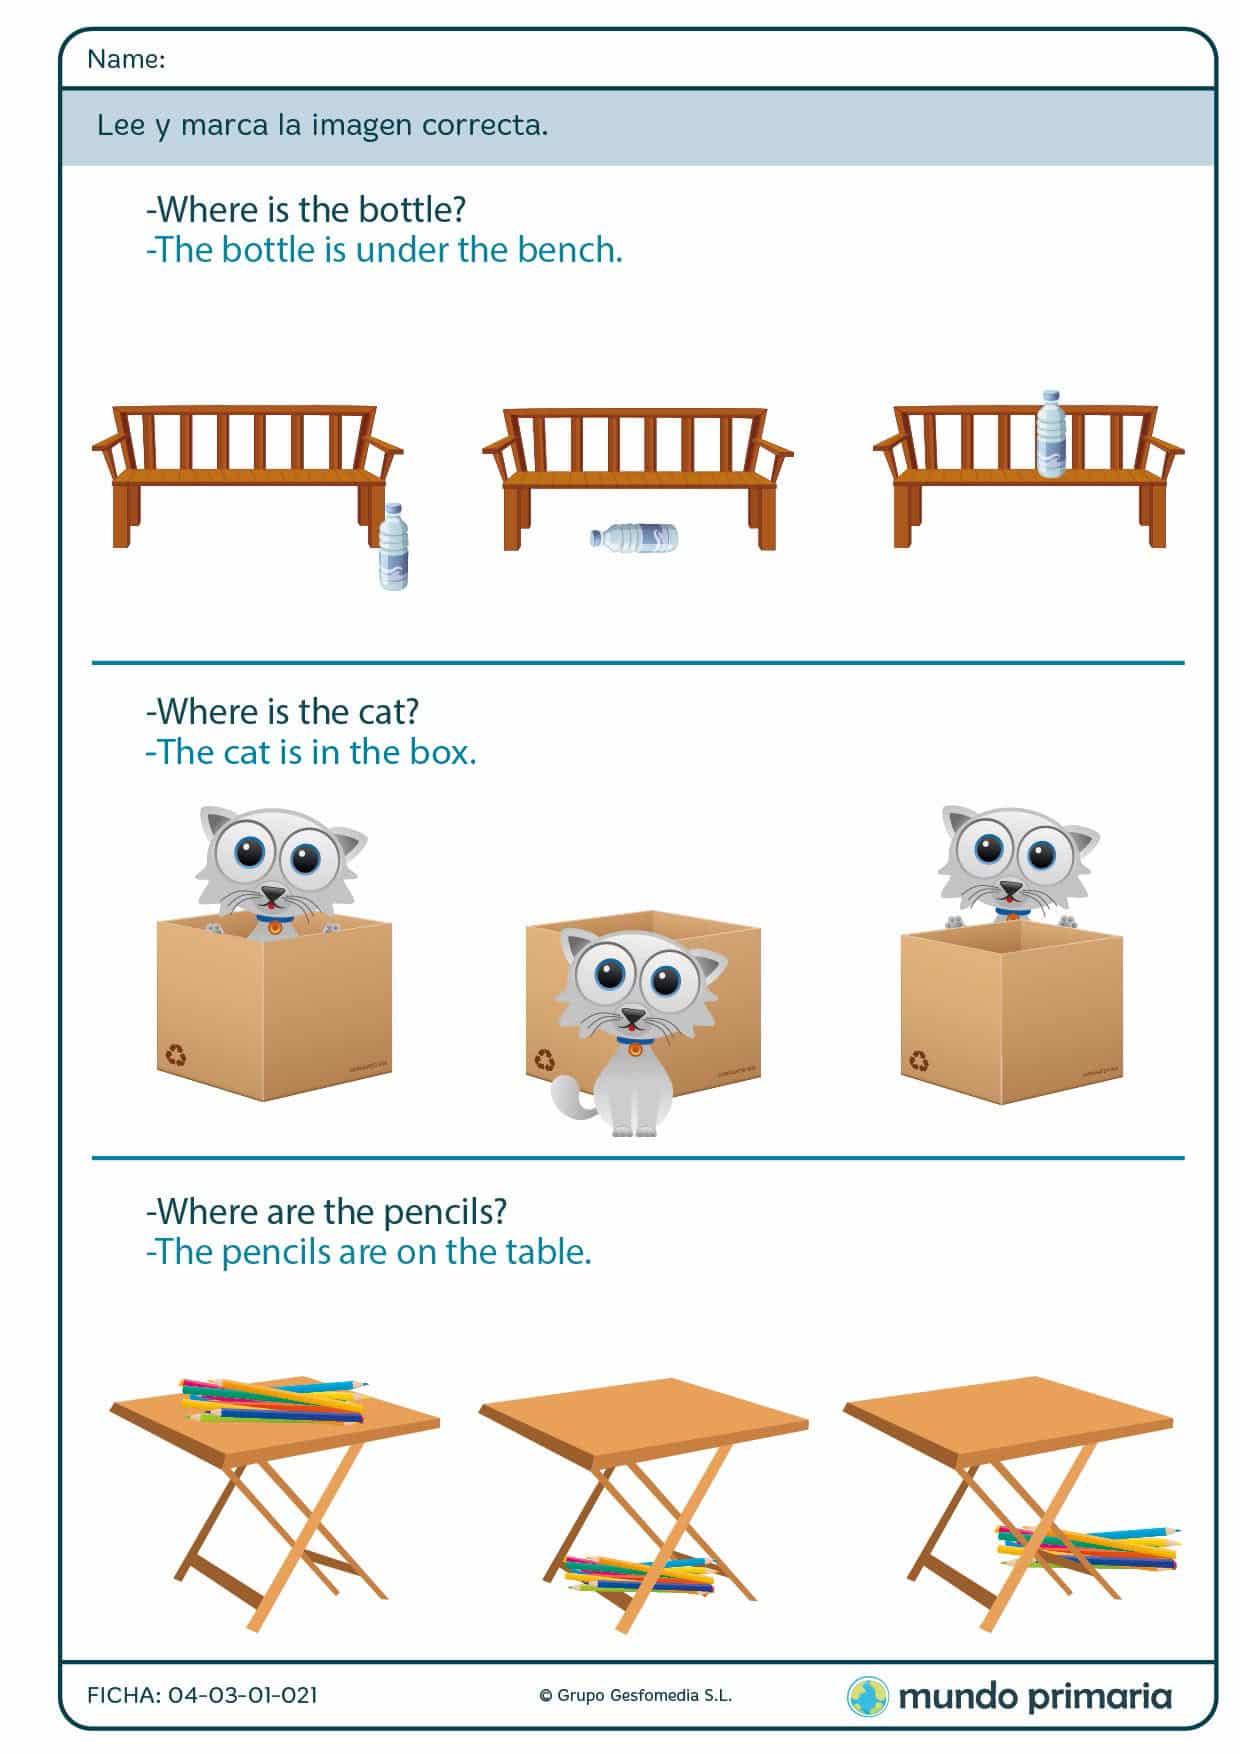 Ficha de preposiciones con objetos y animales para niños de Primaria